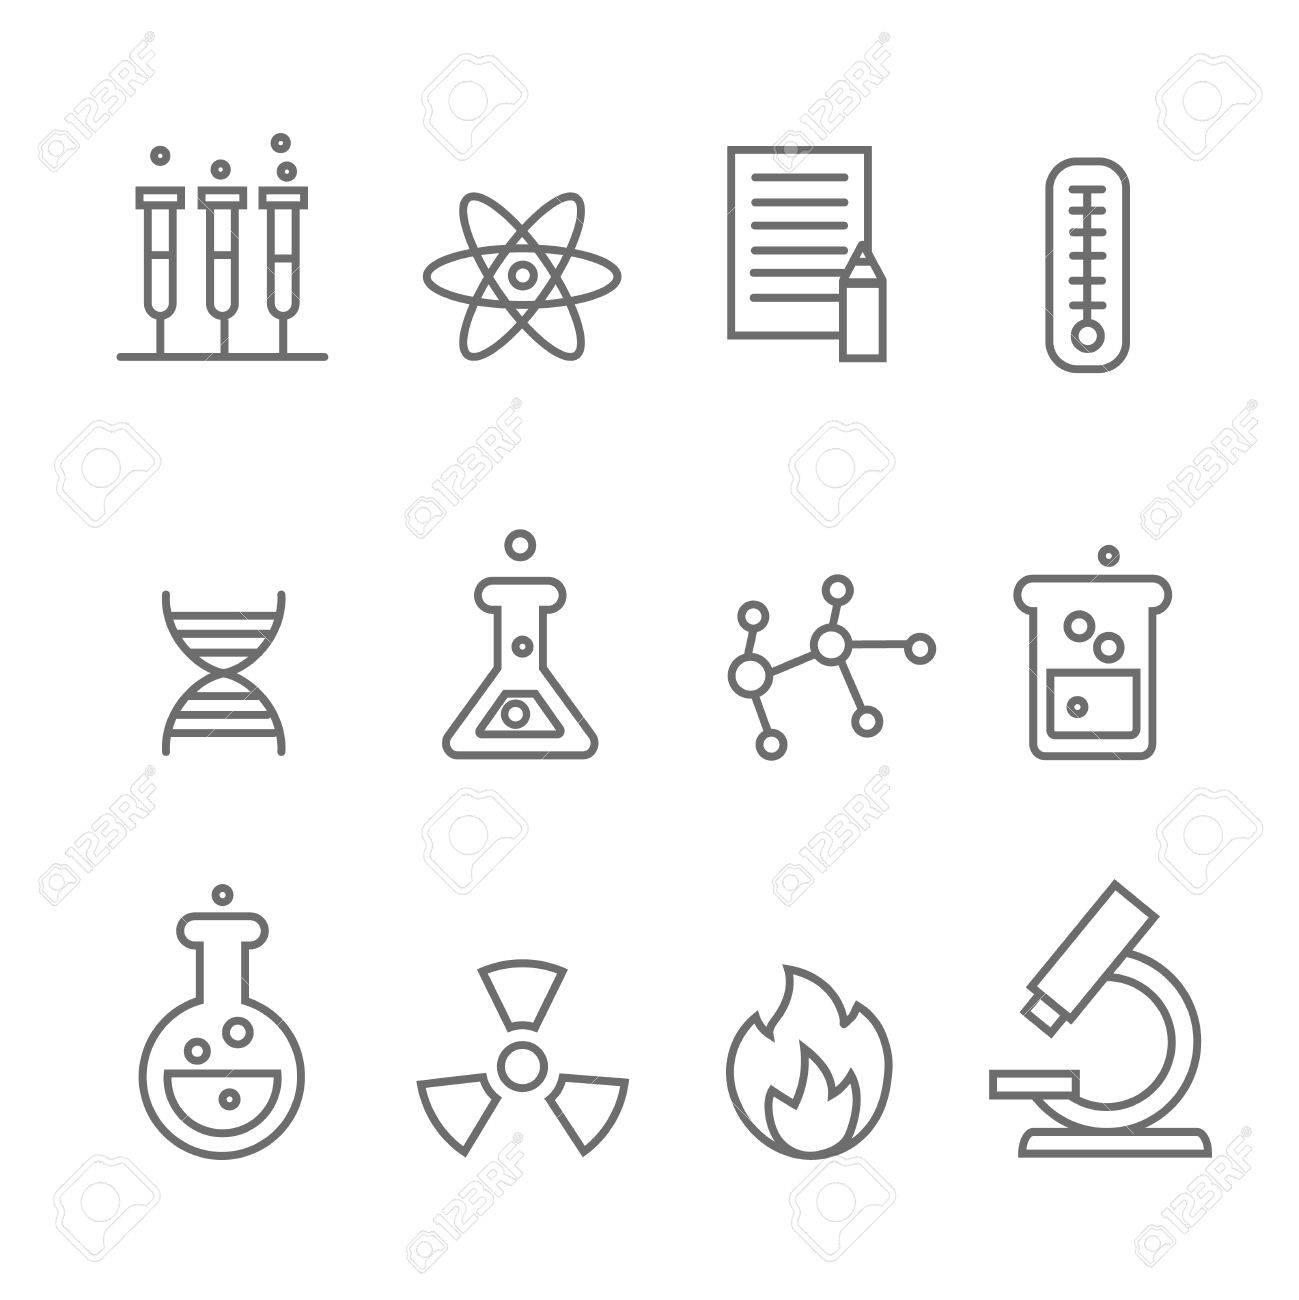 Química Y Bio Tecnología Iconos De Línea De La Ciencia Biología Molecular Molécula De La Estructura Ilustración Vectorial